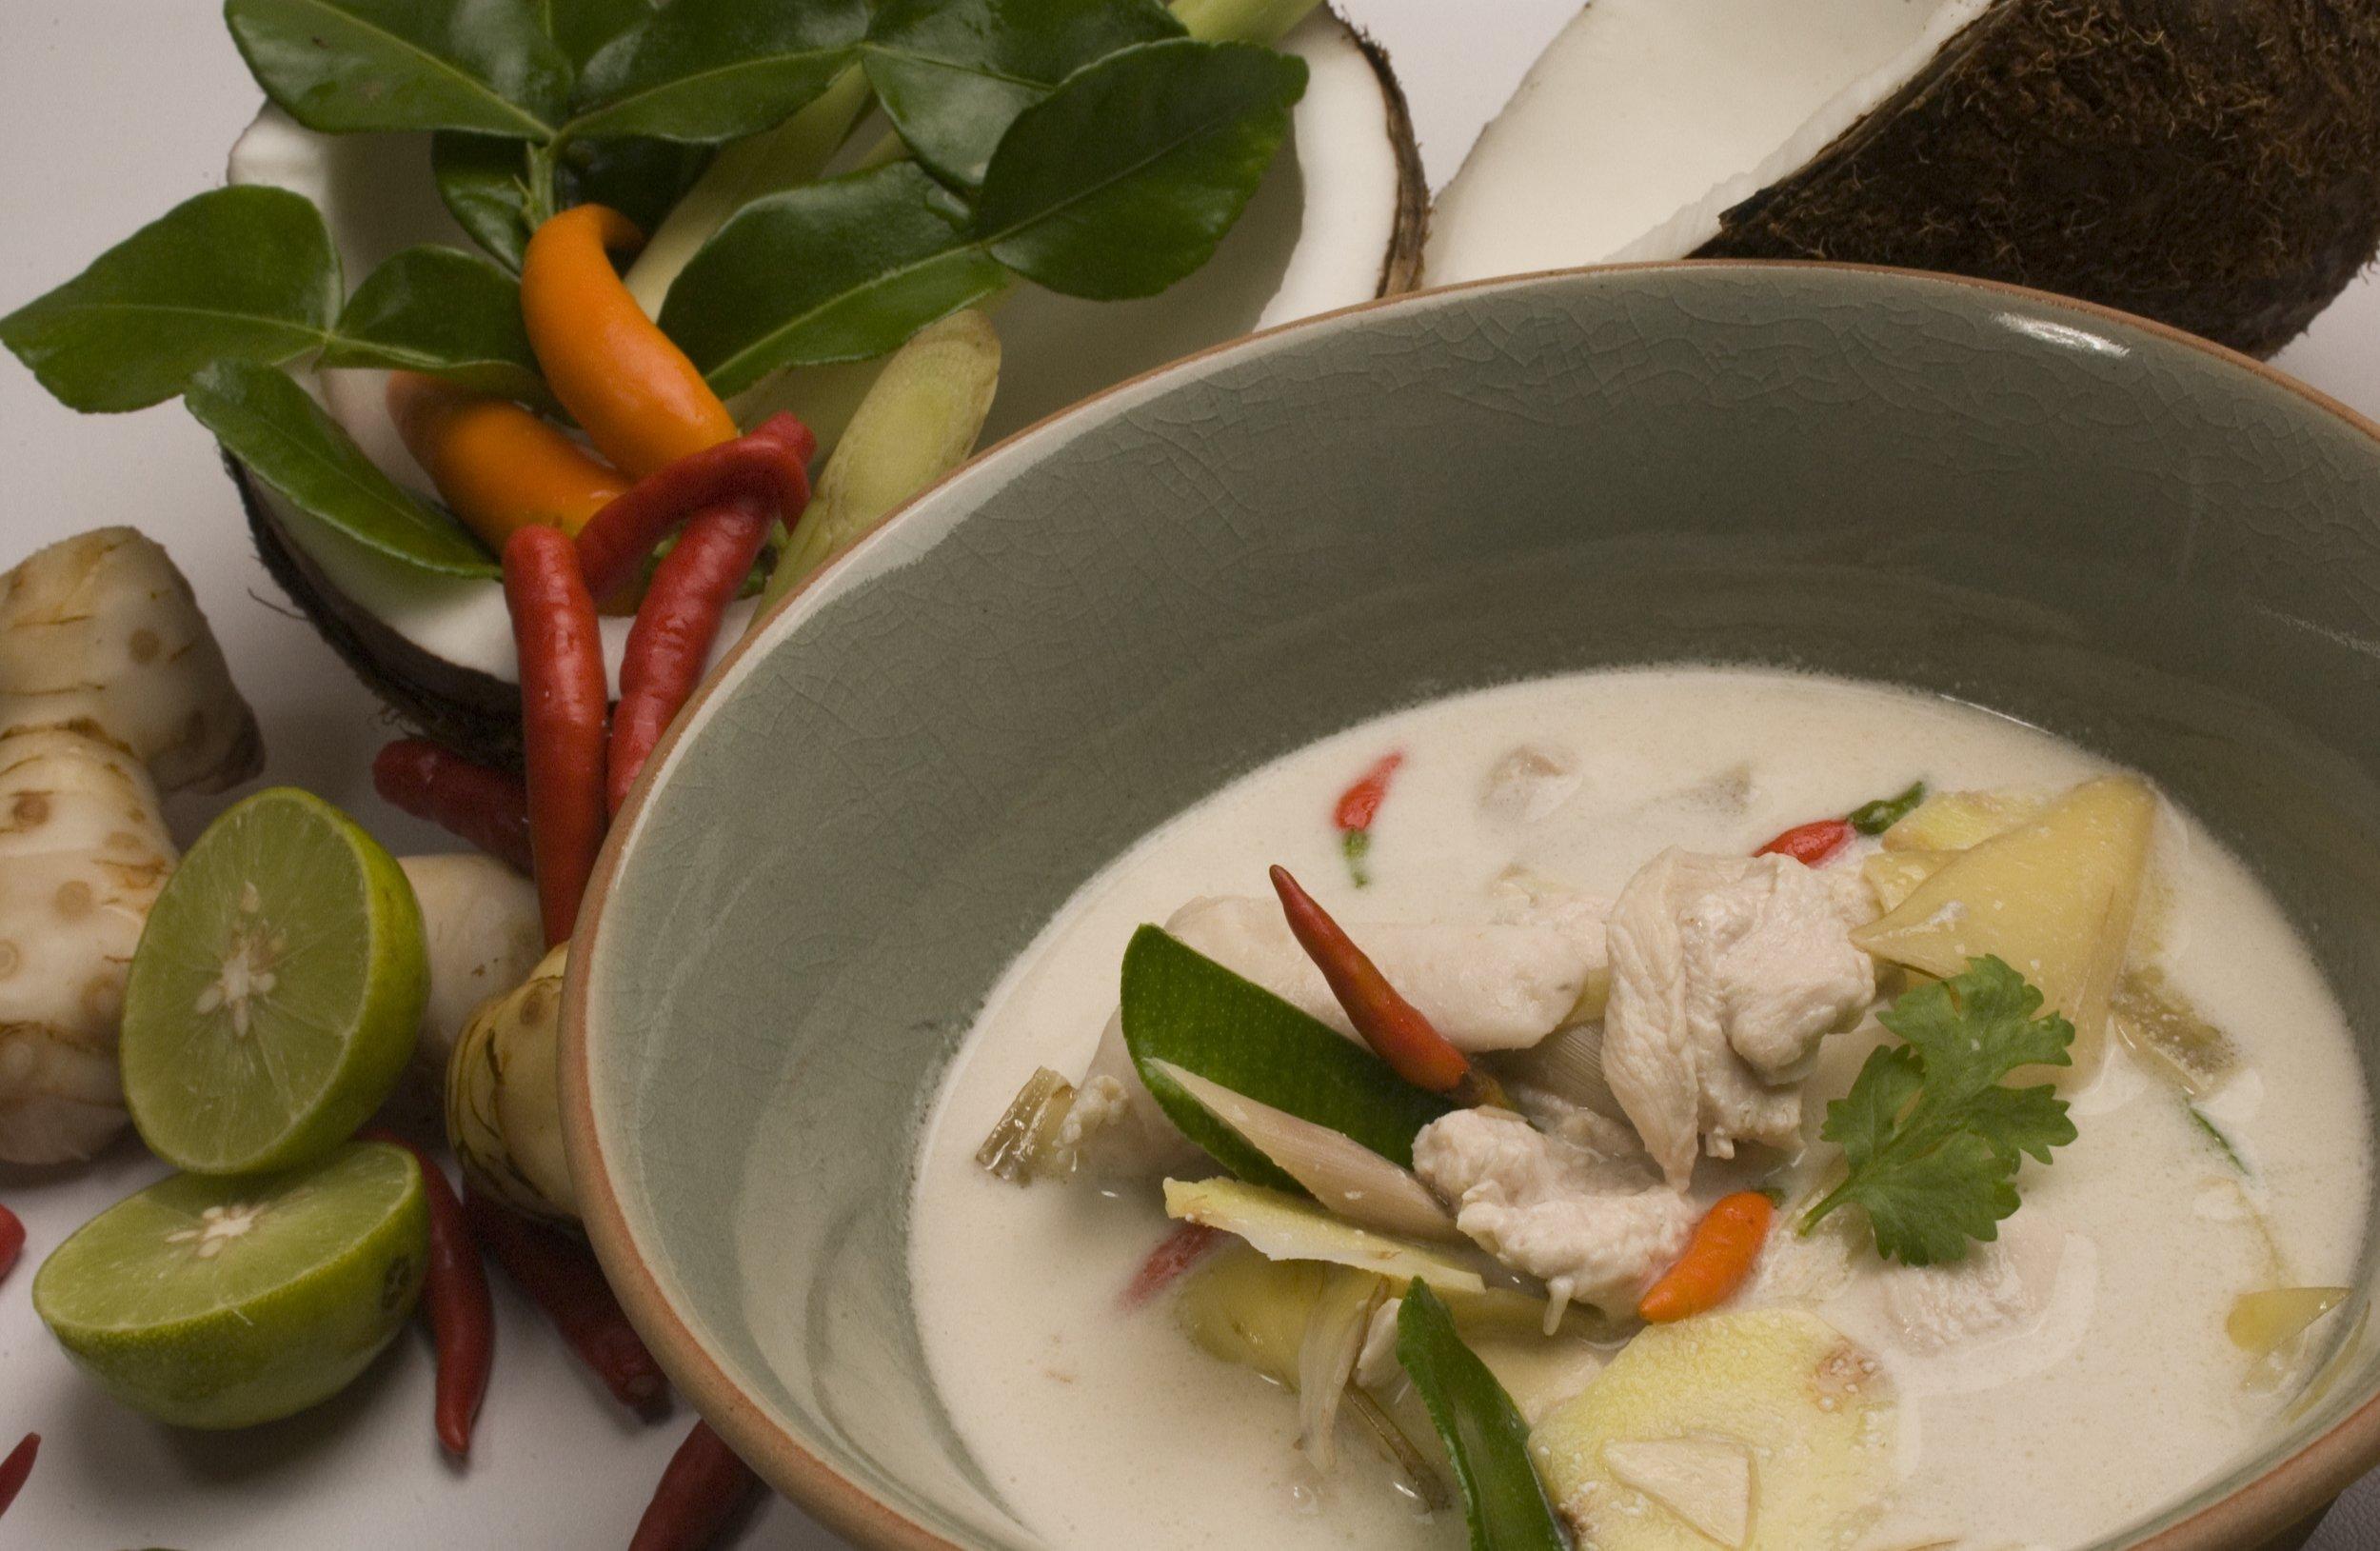 tom-kha-kai-thai-food.jpg